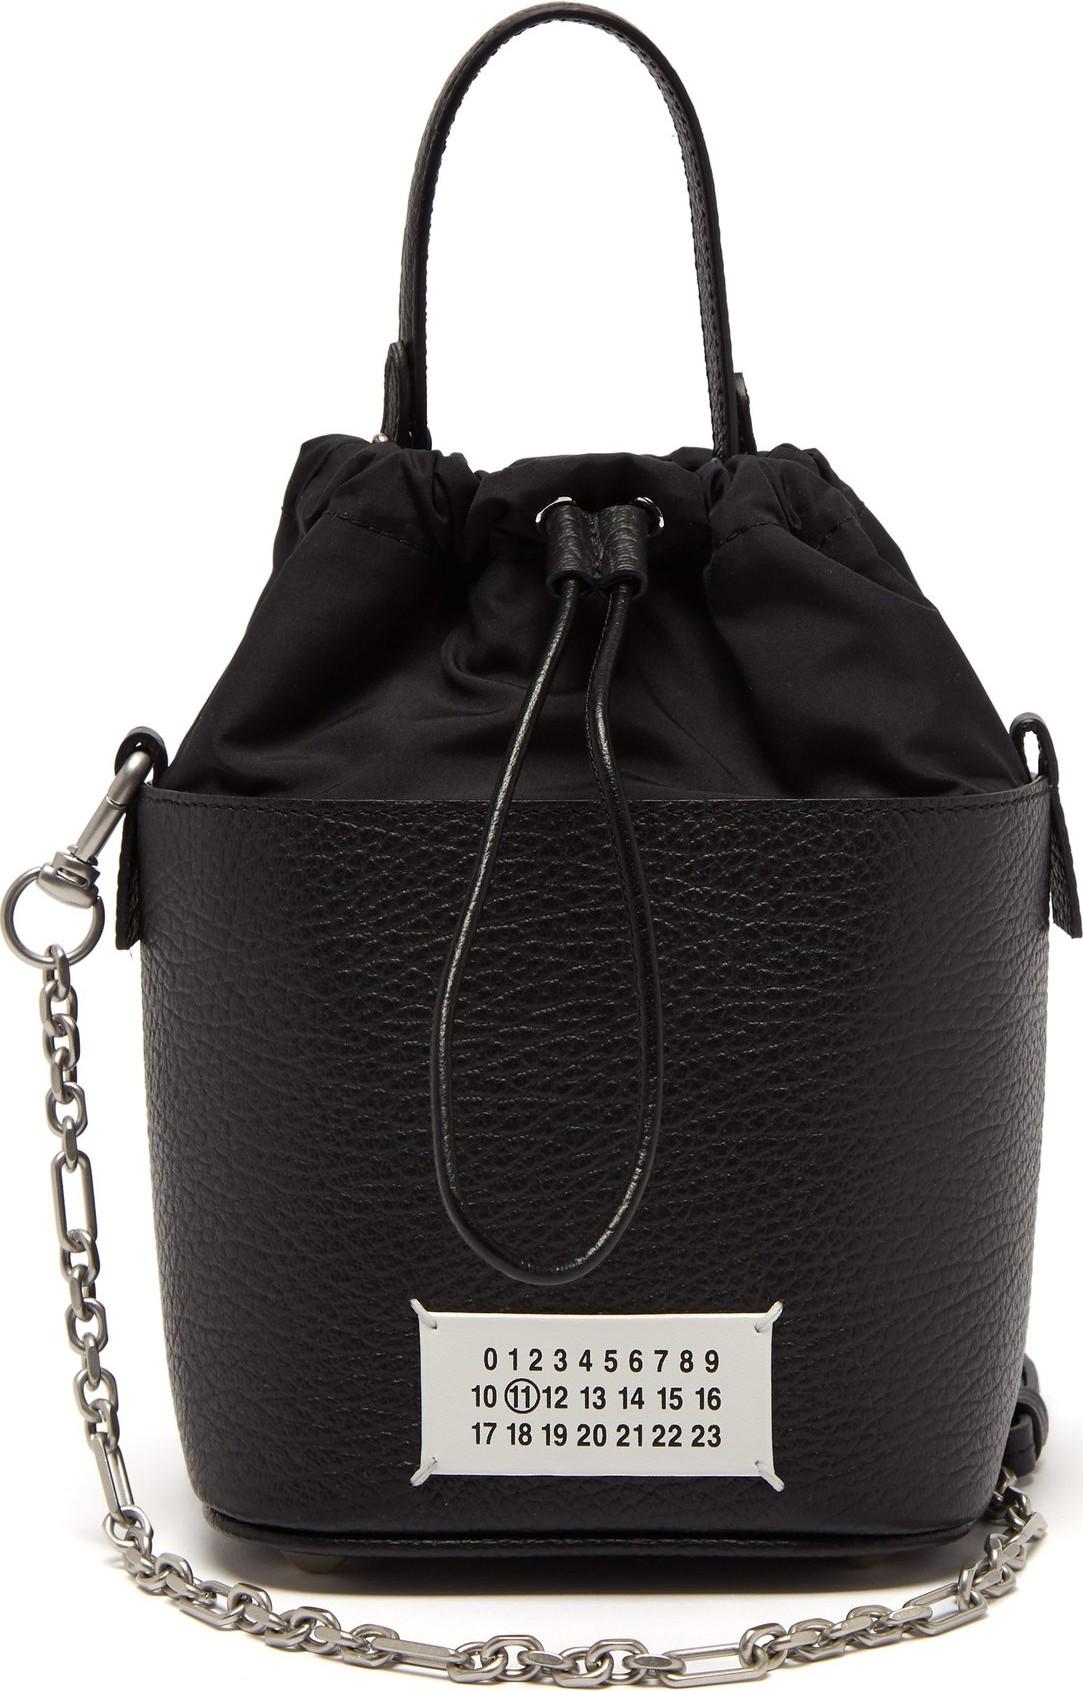 c5b229e963c8d Maison Margiela Grained-leather bucket bag